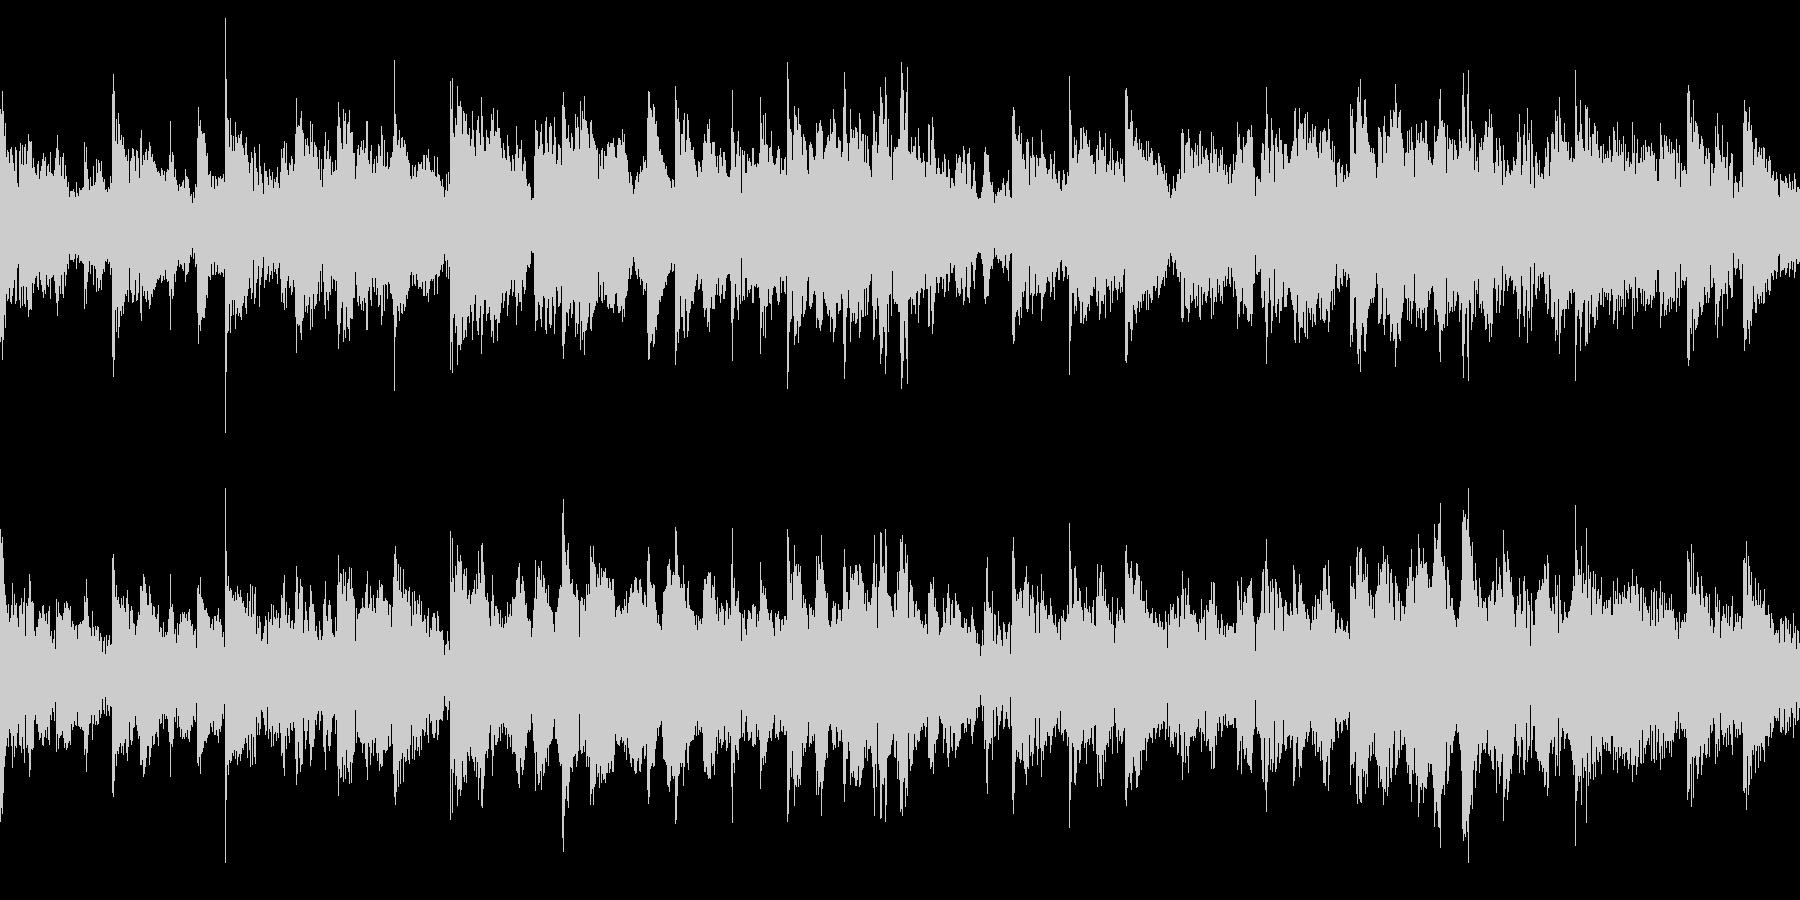 和風のジングル(ループ仕様)2の未再生の波形